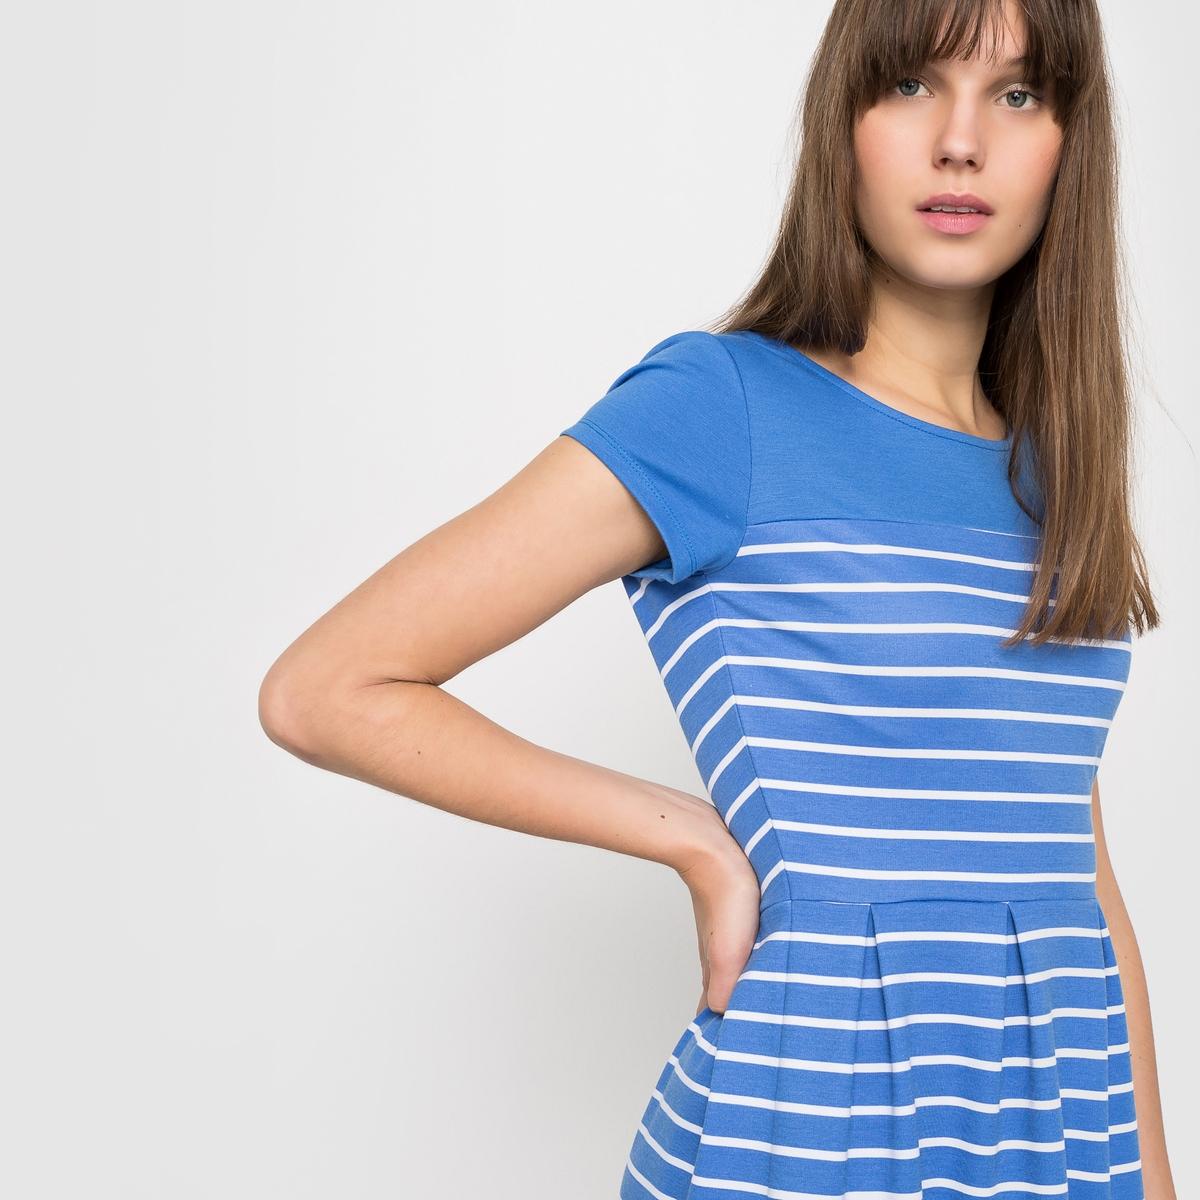 Платье в полоску с короткими рукавами из трикотажа миланоПлатье из трикотажа милано в полоску. Короткие рукава . Круглый вырез . Открытая спина.Состав и характеристики:материал: 75% полиэстера, 20% вискозы, 5% эластана,длина 90 см.УходМашинная стирка при 30°С<br><br>Цвет: голубой в полоску<br>Размер: 48 (FR) - 54 (RUS).42 (FR) - 48 (RUS).44 (FR) - 50 (RUS)